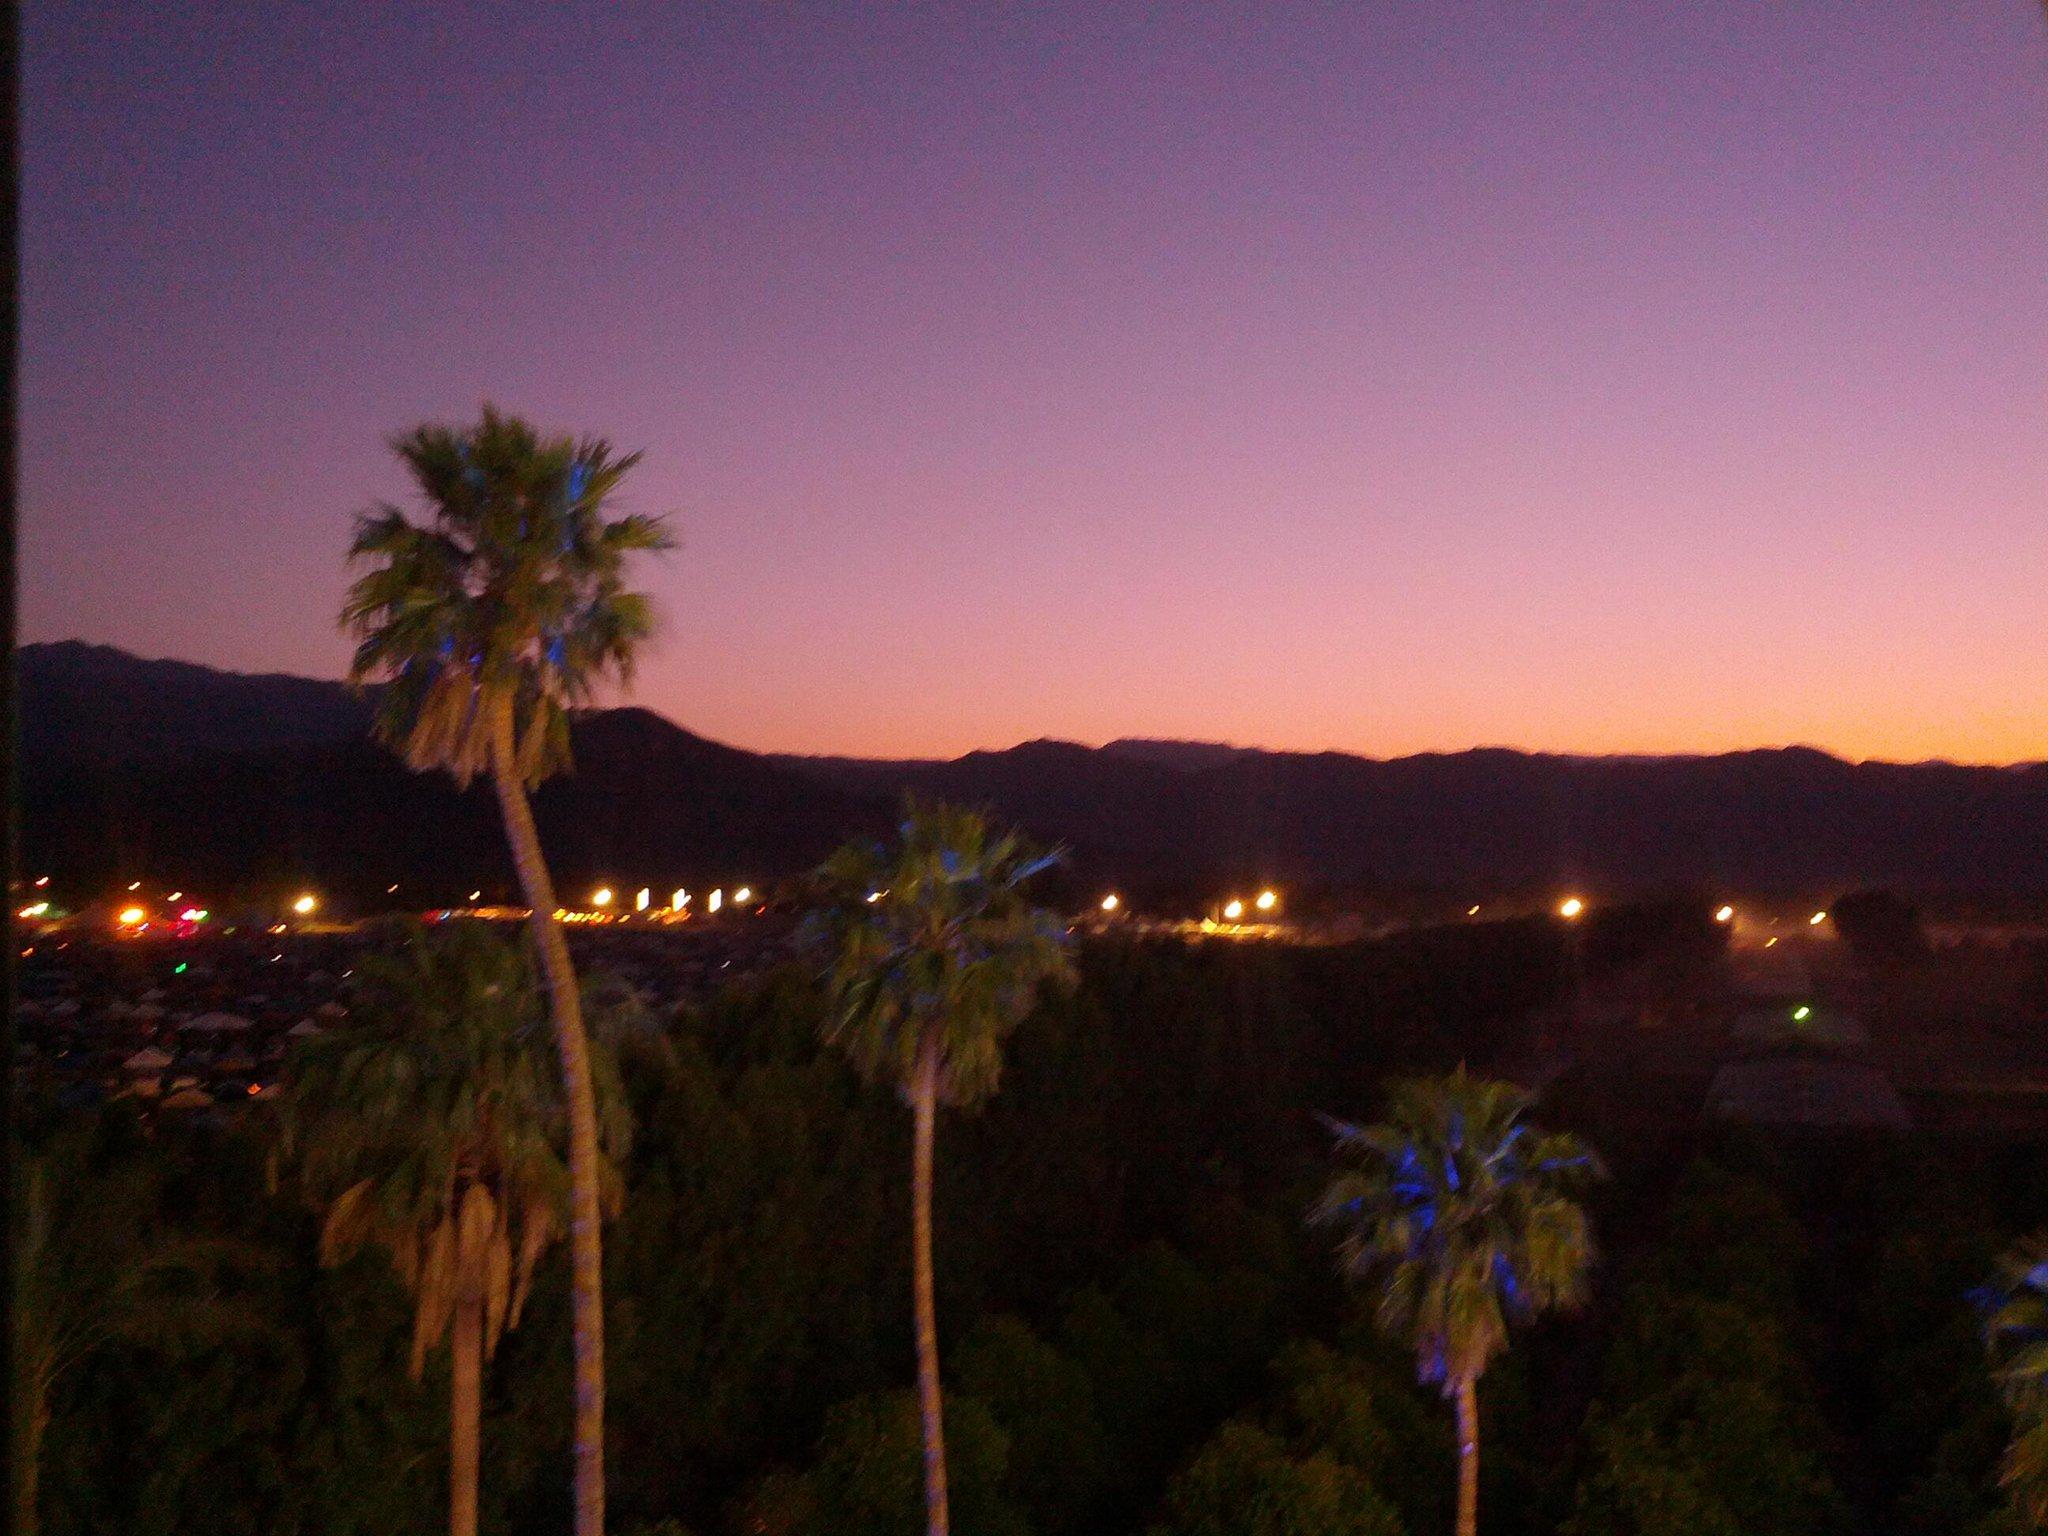 Sunset #SaveFarisFest http://t.co/kZcAFcs8WX